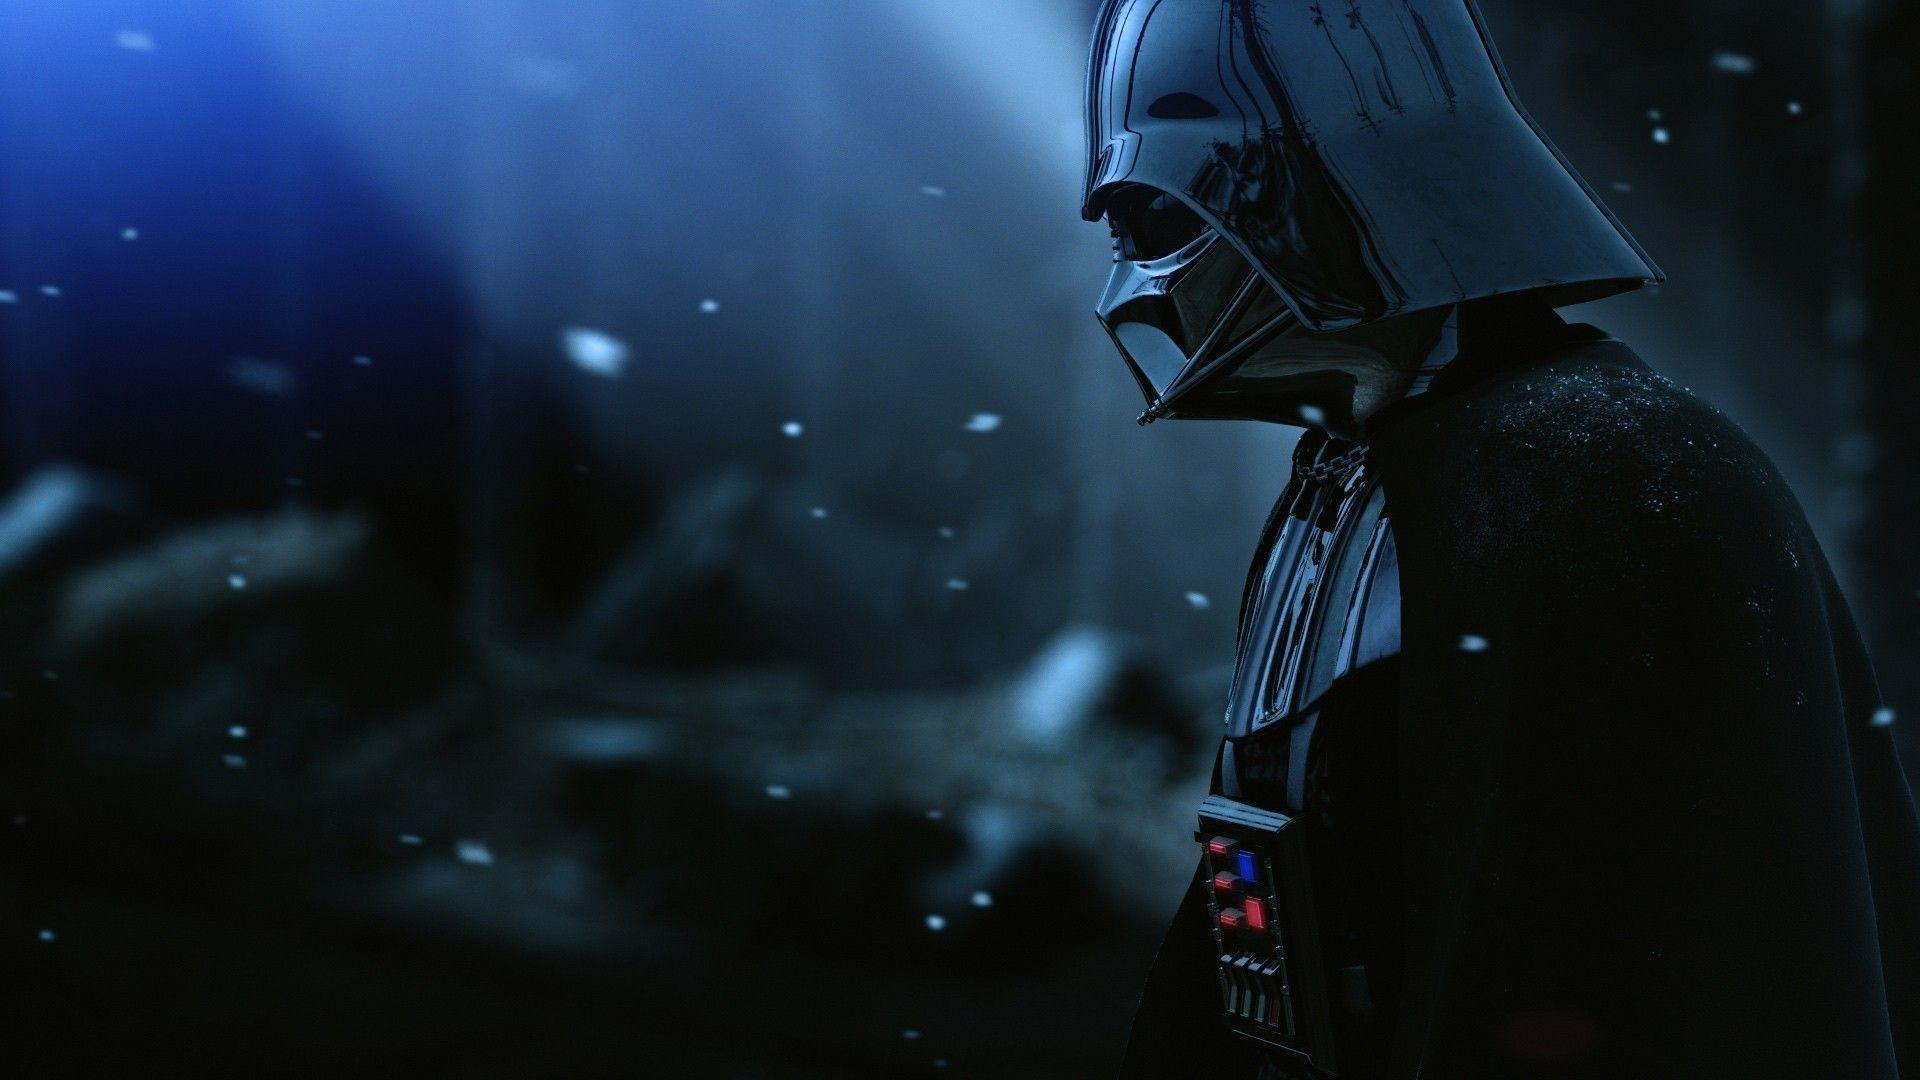 10 Latest Star Wars Wallpaper Full Hd Full Hd 1080p For Pc Desktop 4k Darth Vader Wallpaper Star Wars Wallpaper Star Wars Illustration